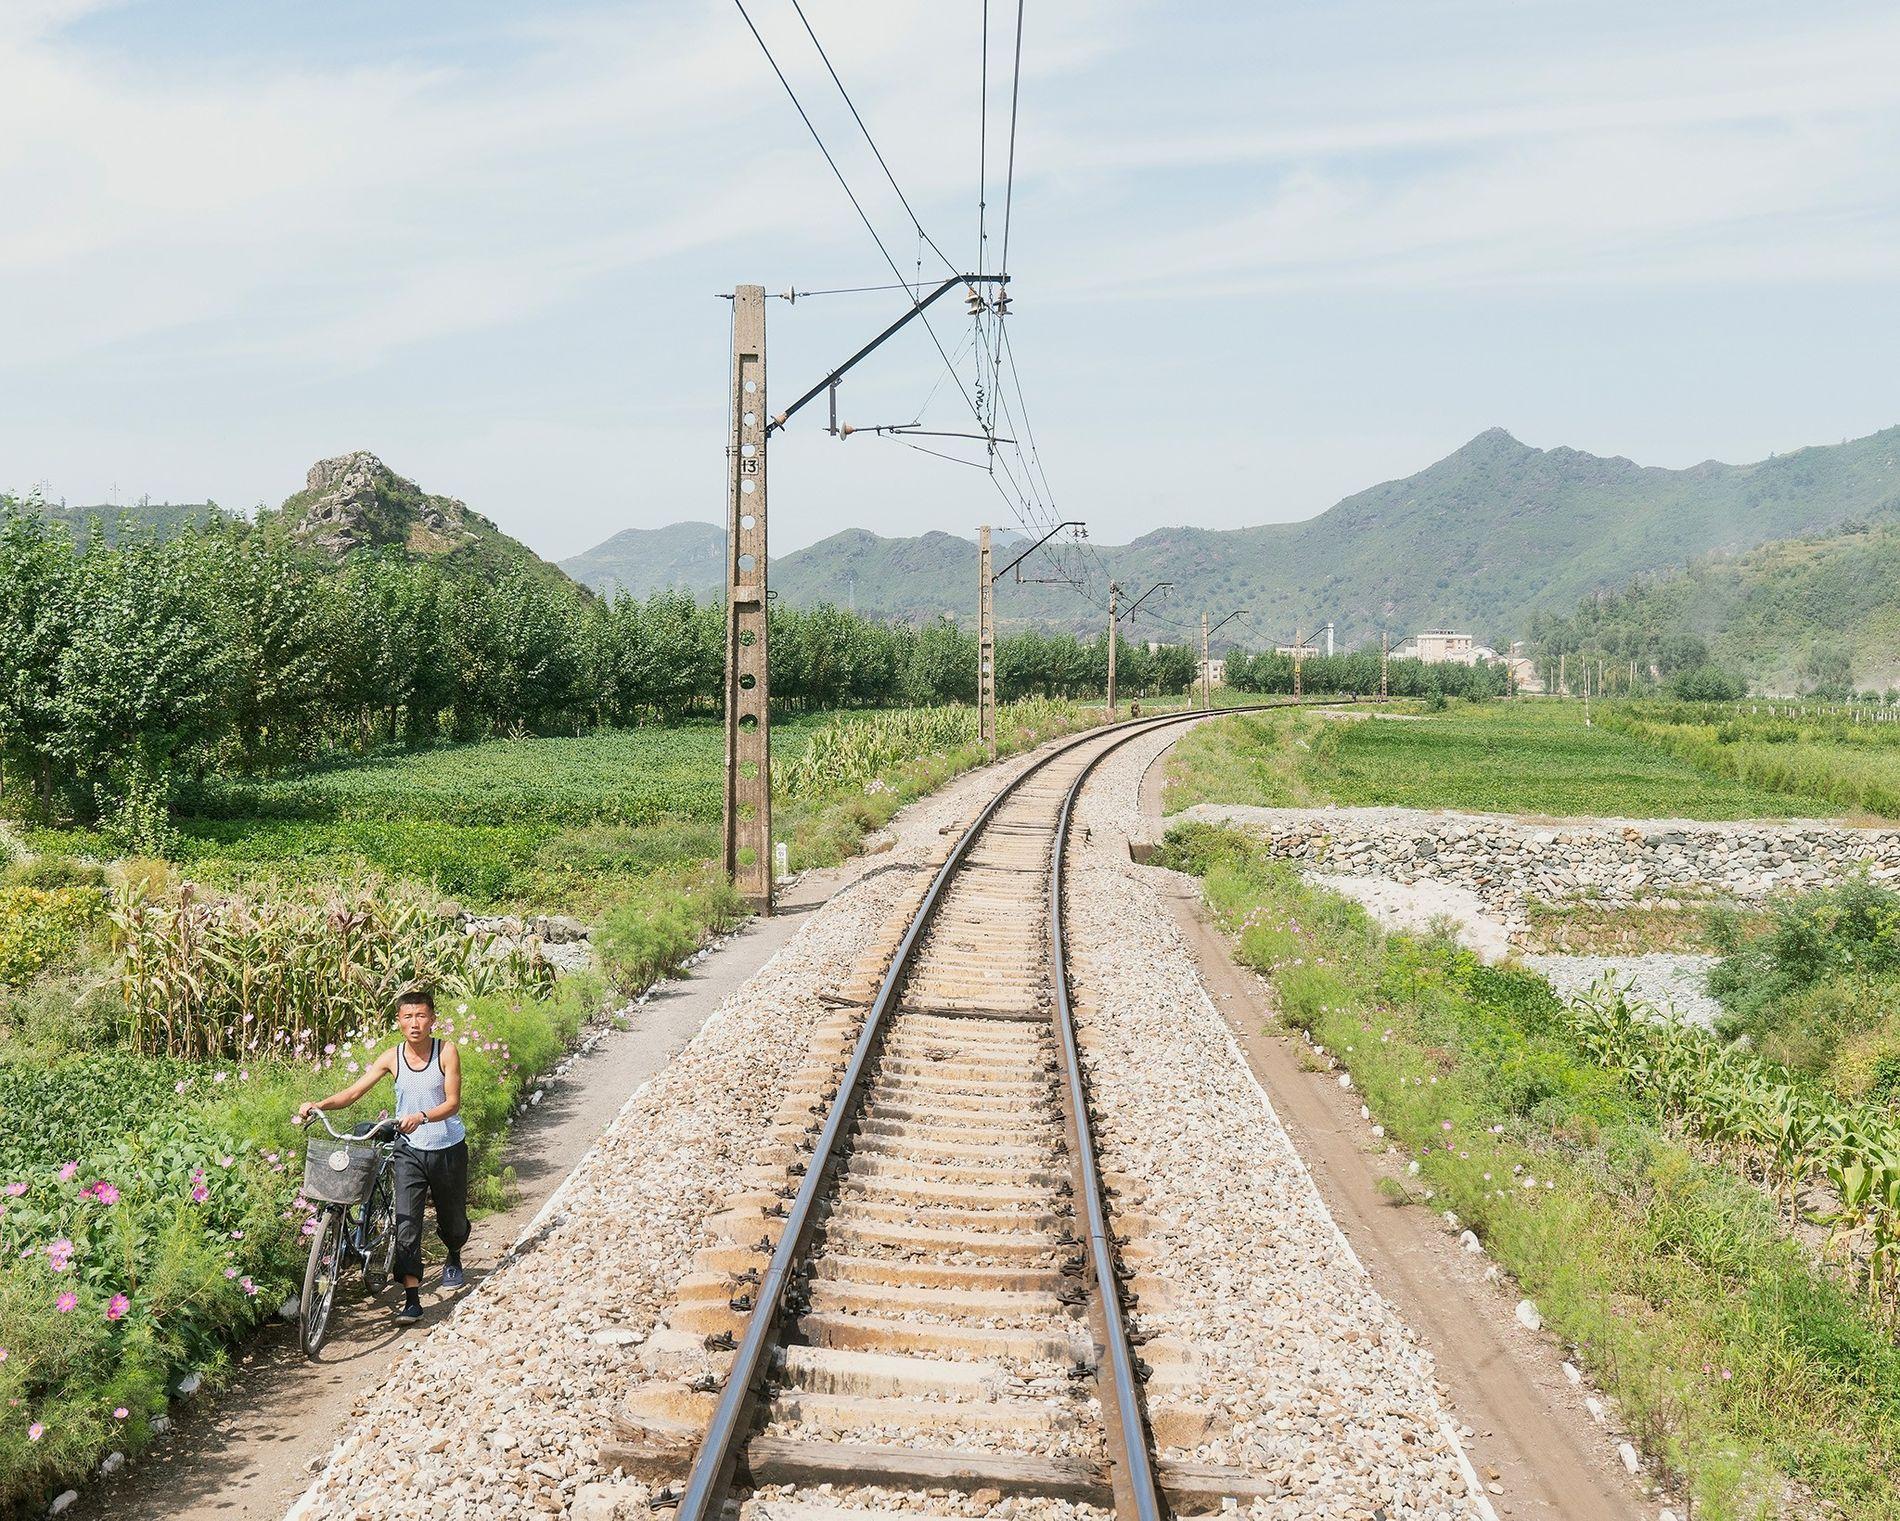 Take a train through North Korea's rarely seen countryside